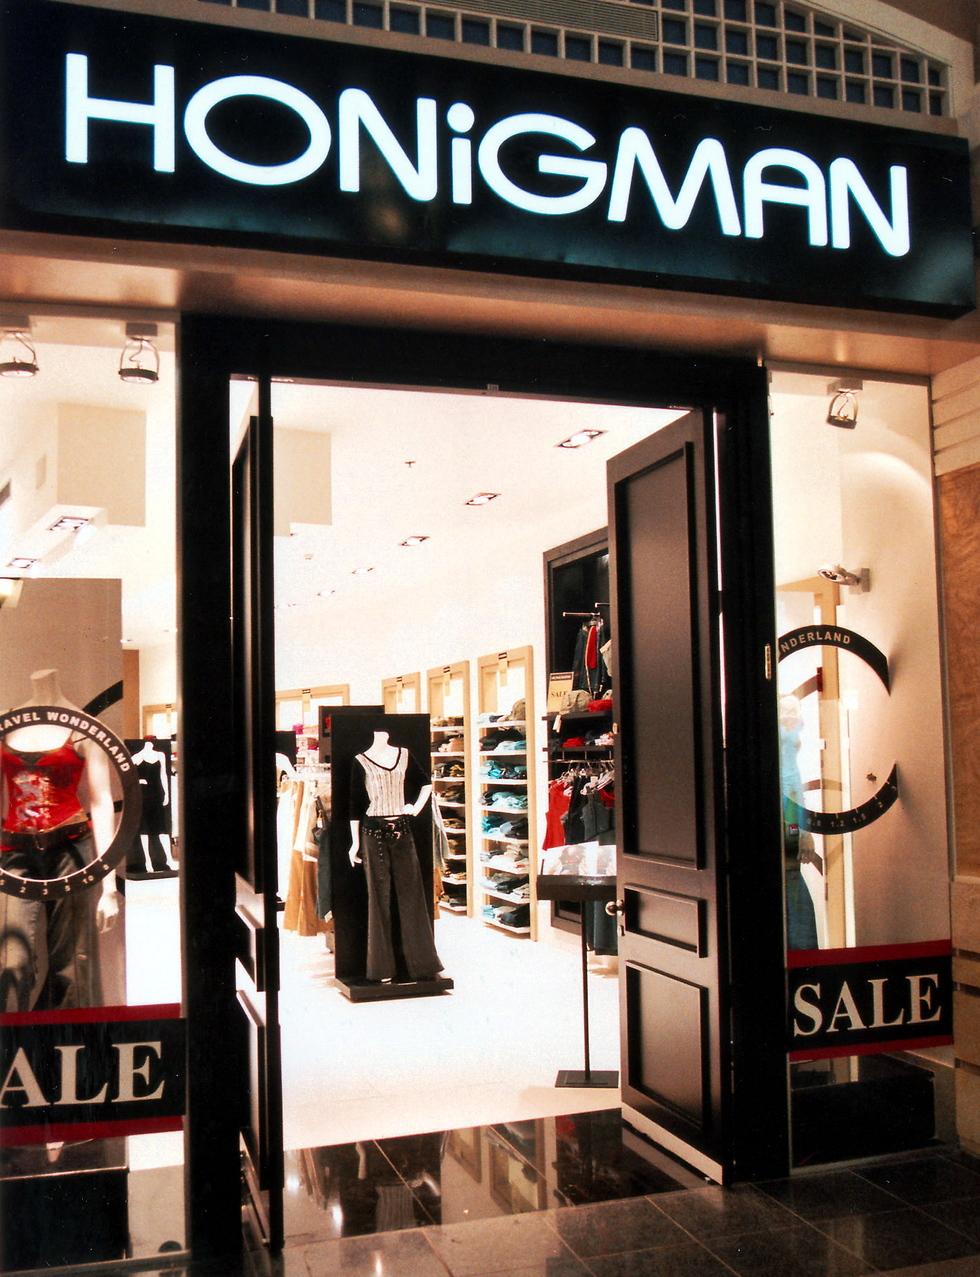 """חנות של הוניגמן (צילום: יח""""צ)"""